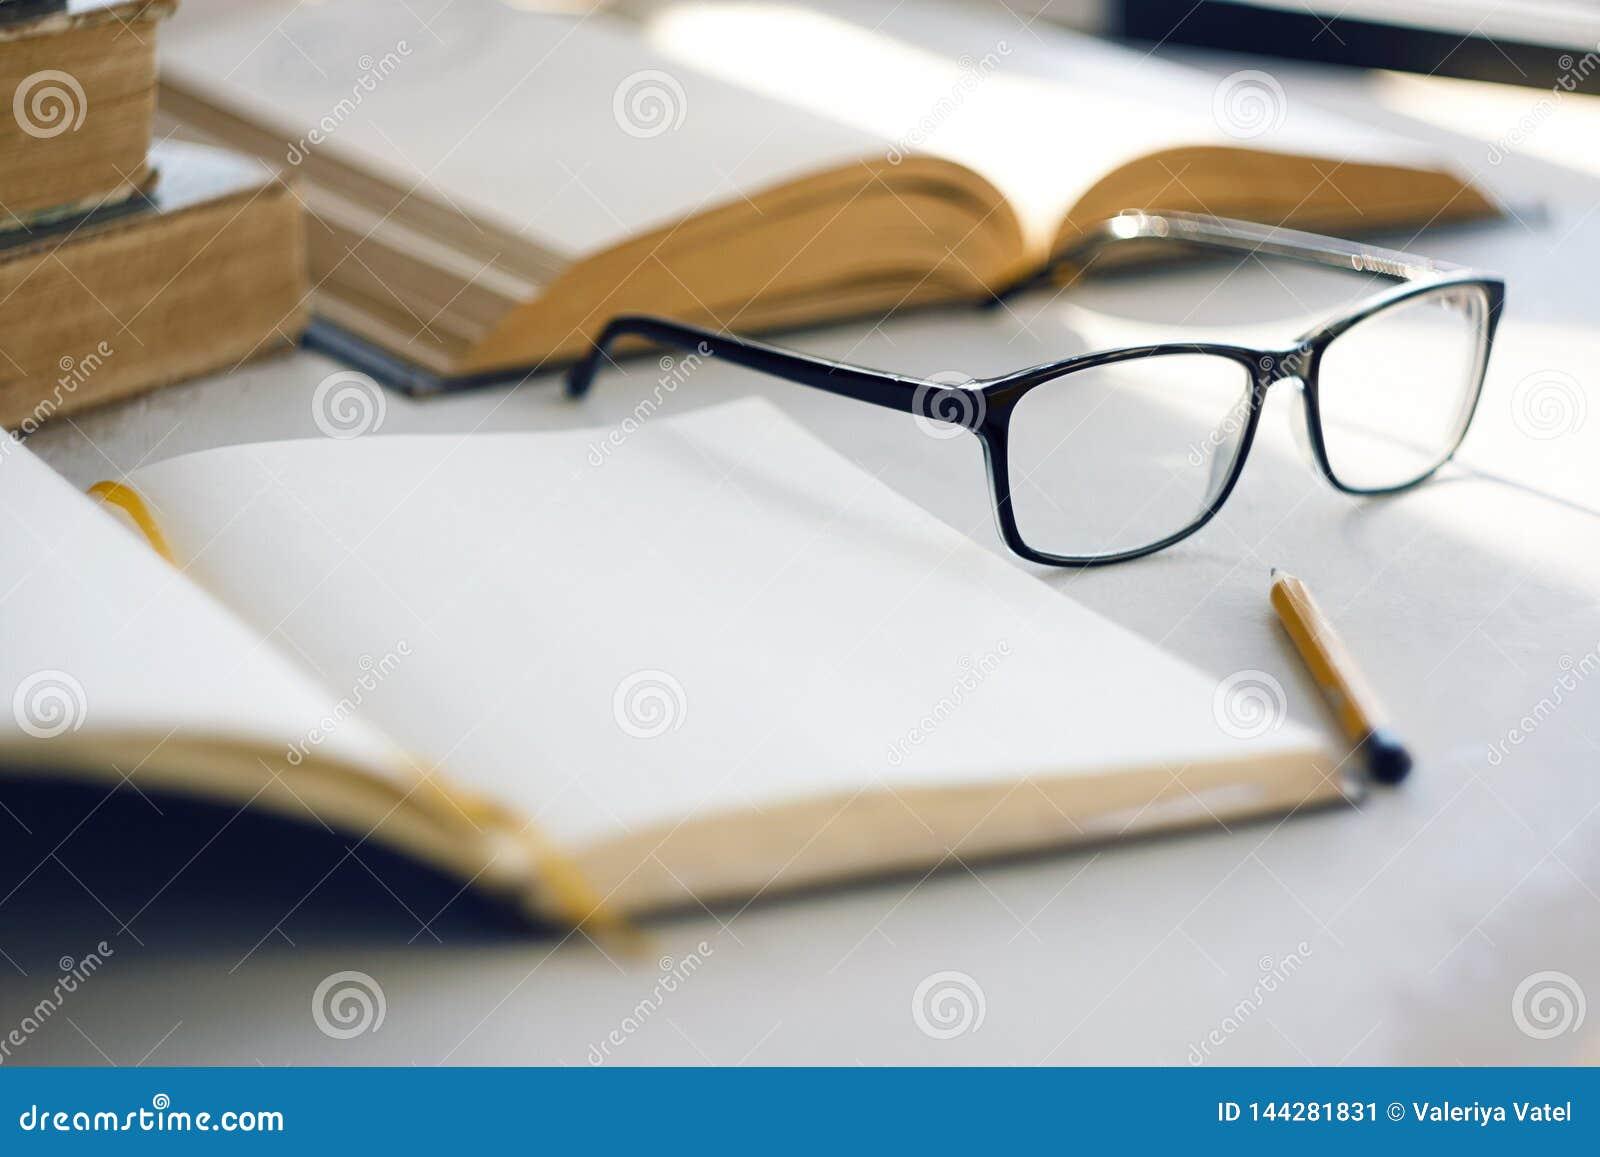 O sol brilhante ilumina enciclopédias velhas, um caderno, um lápis simples e vidros